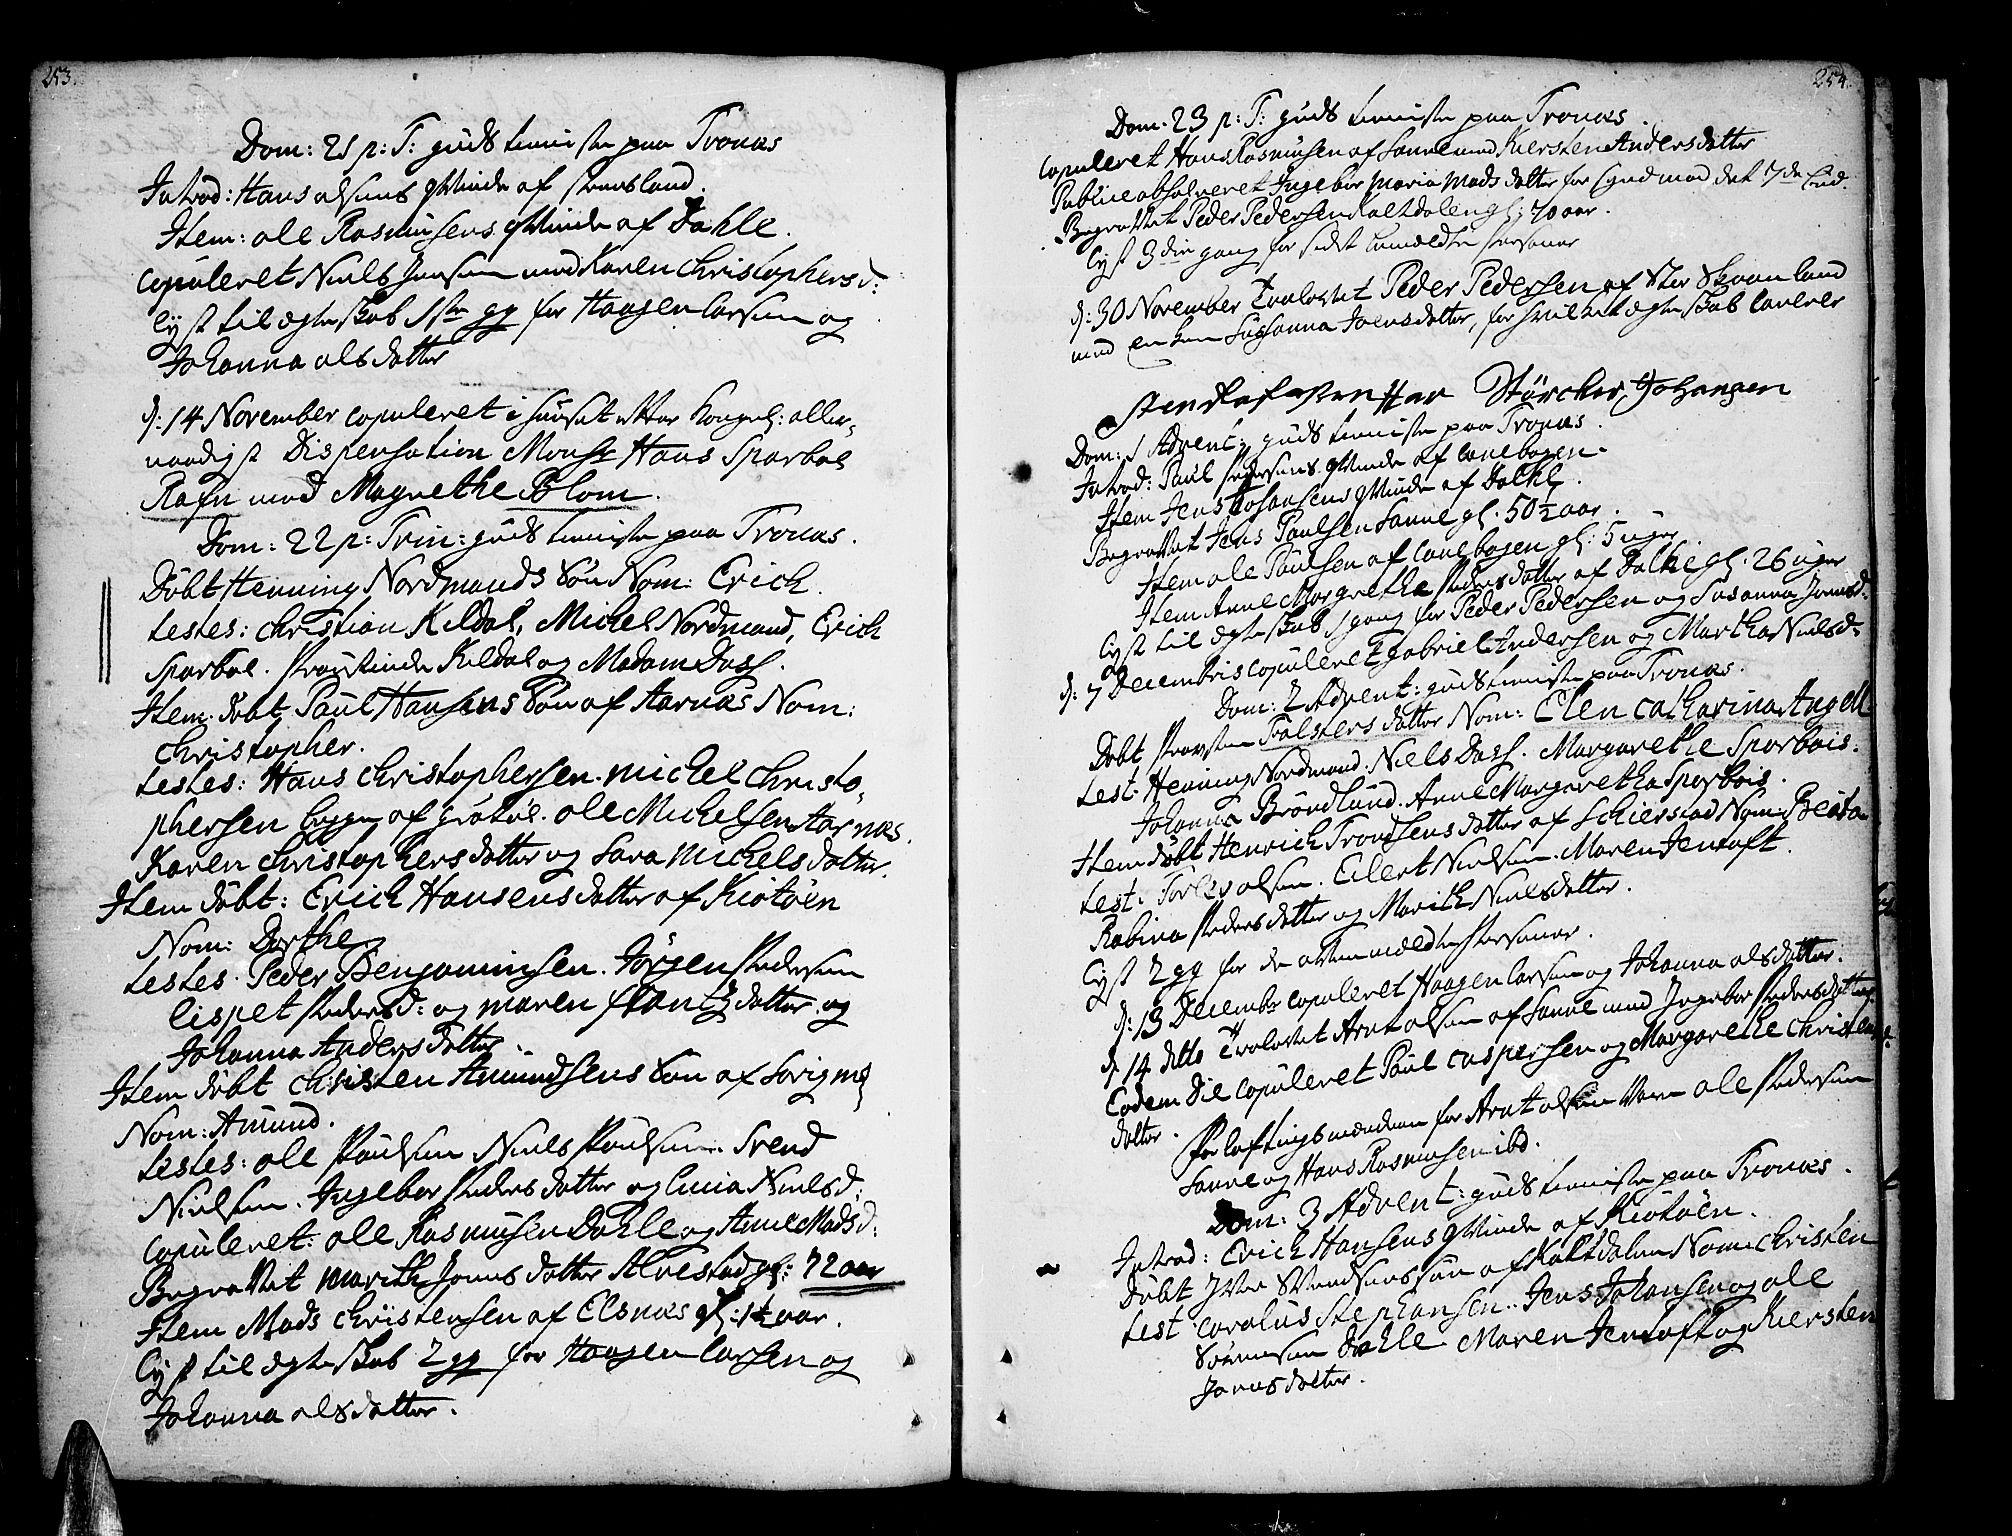 SATØ, Trondenes sokneprestkontor, H/Ha/L0002kirke: Ministerialbok nr. 2, 1751-1781, s. 253-254